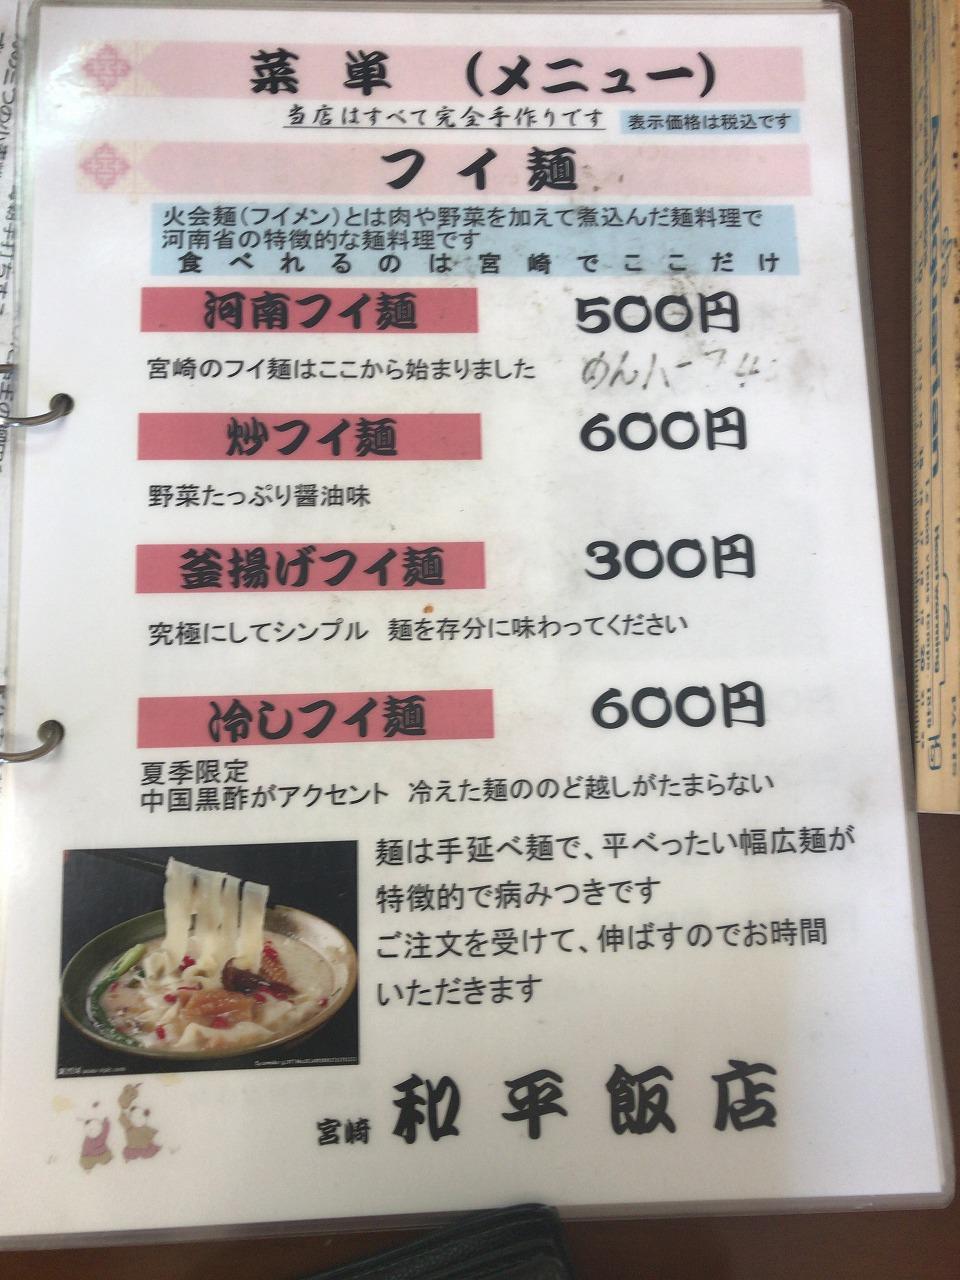 宮崎和平飯店メニュー